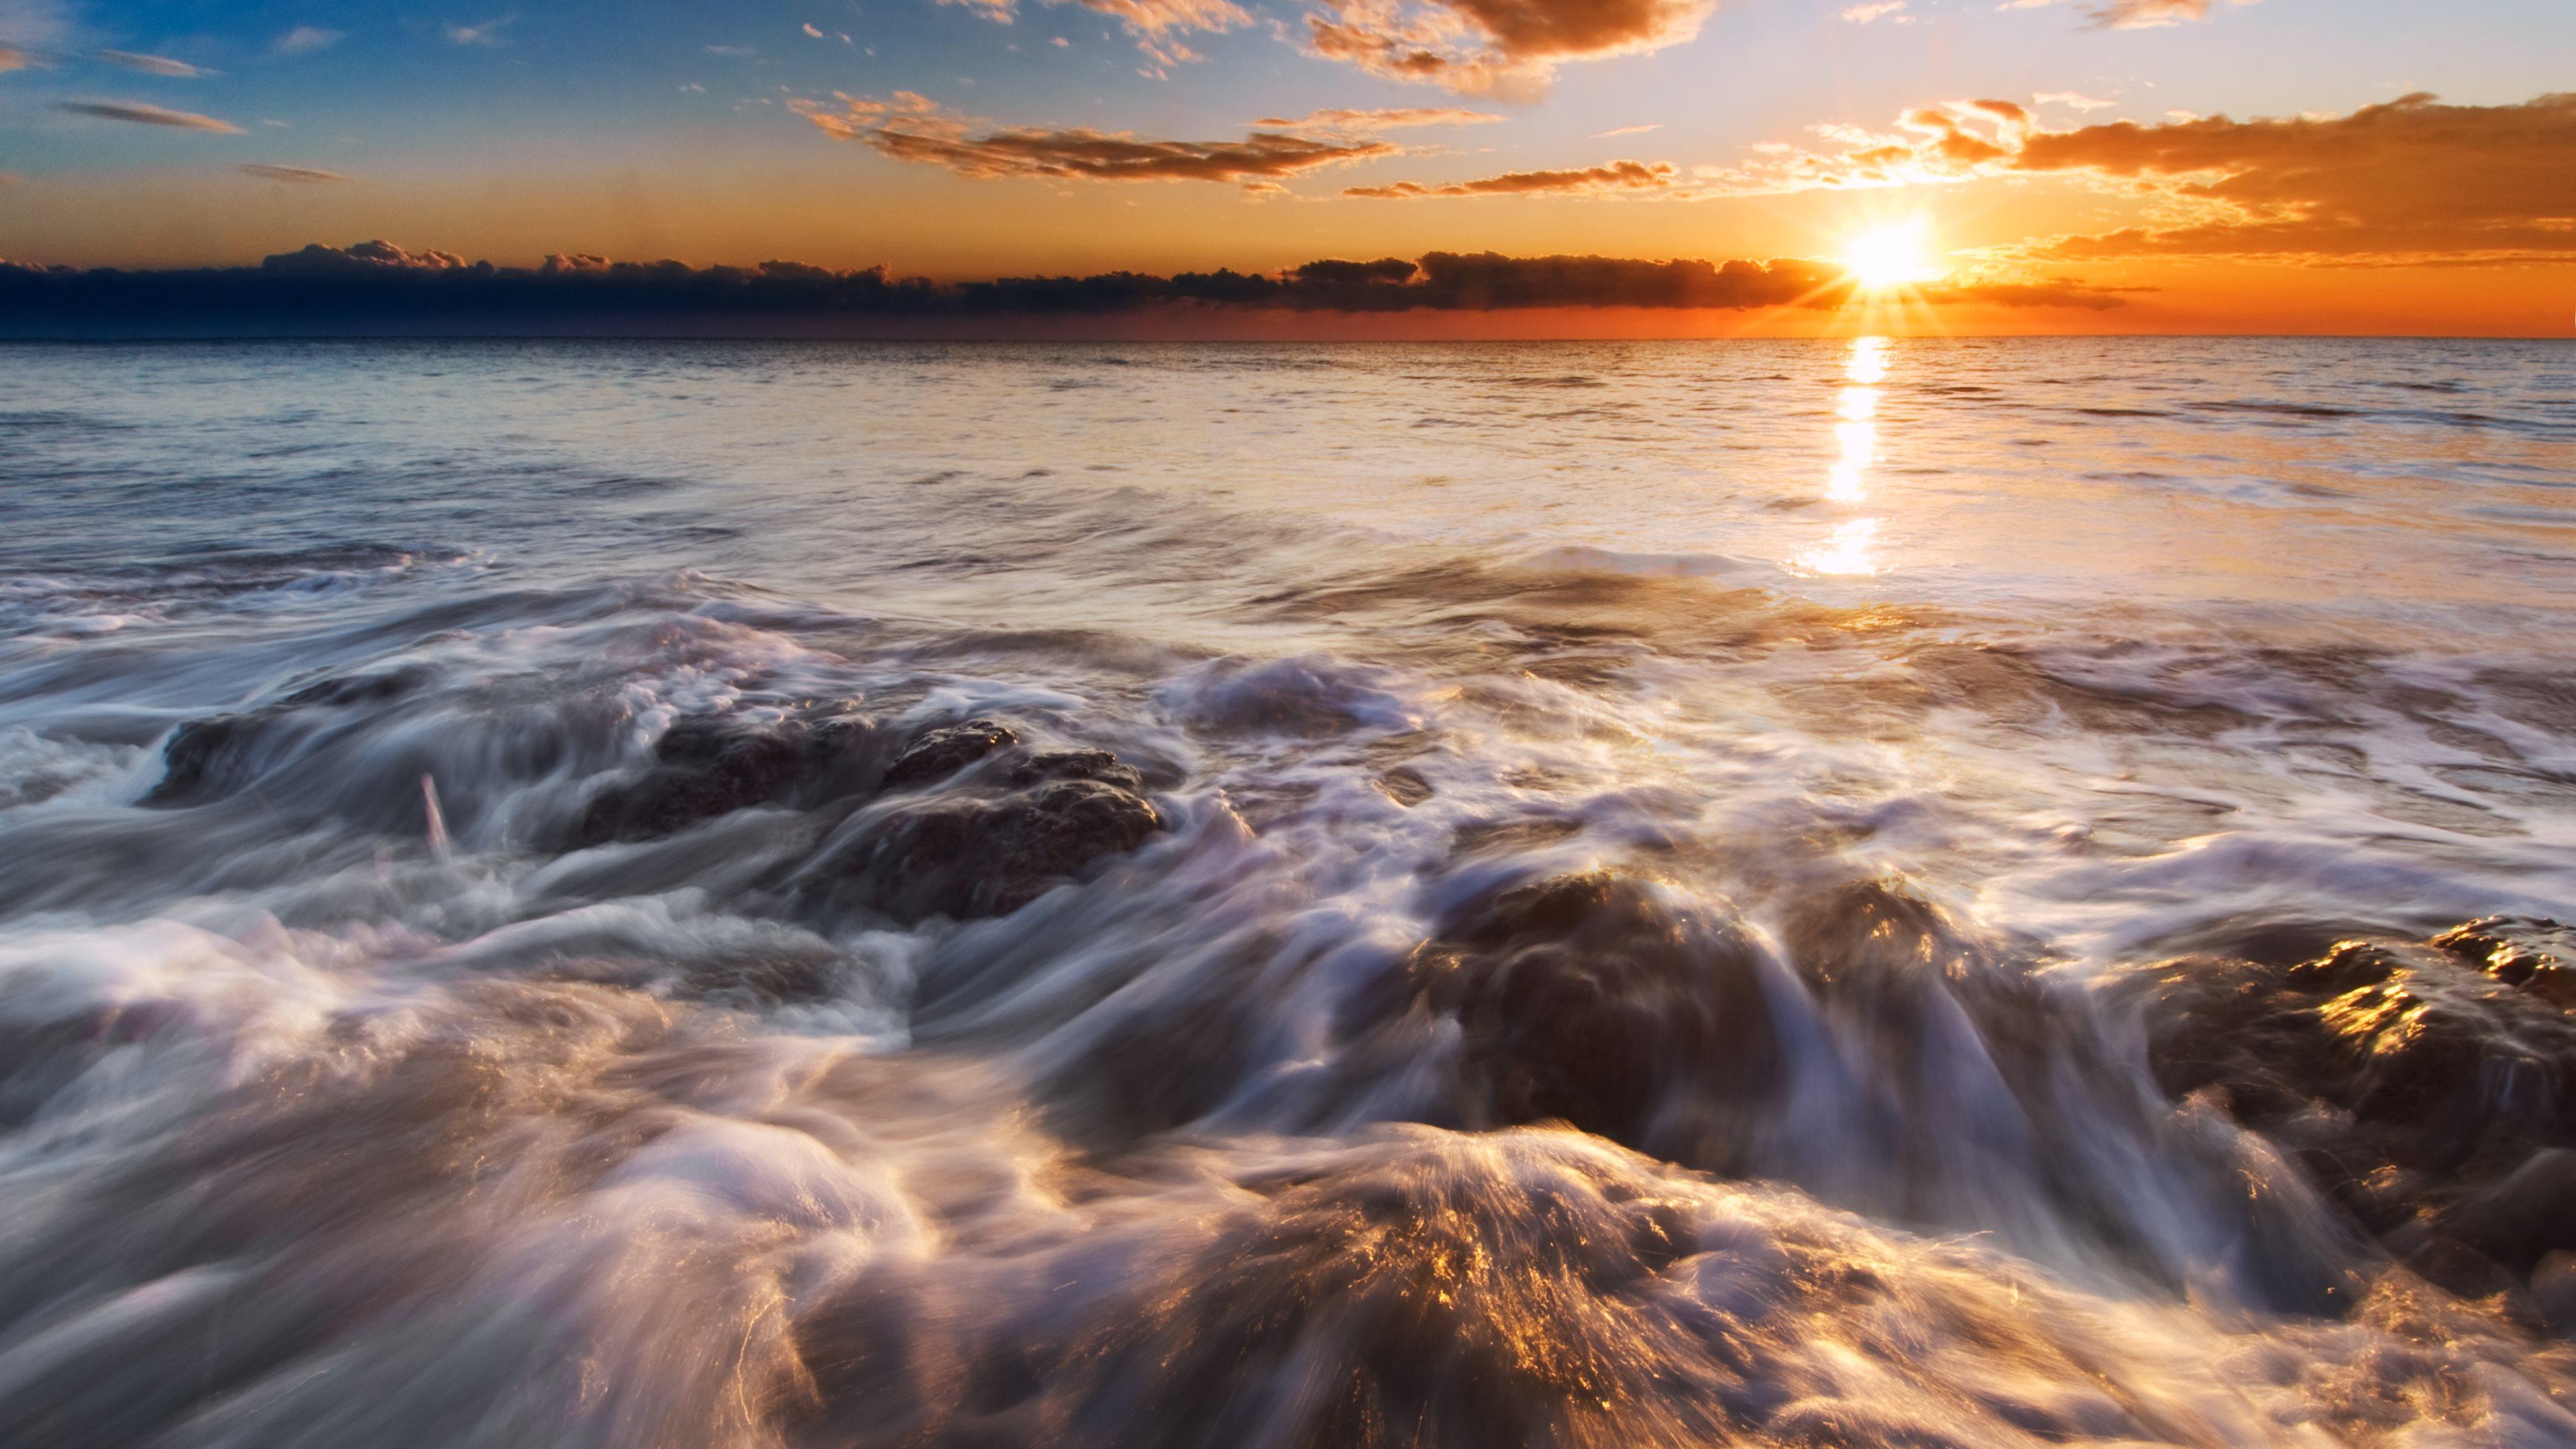 Оранжево-рыжий закат огненного солнца на бушующем морском прибое